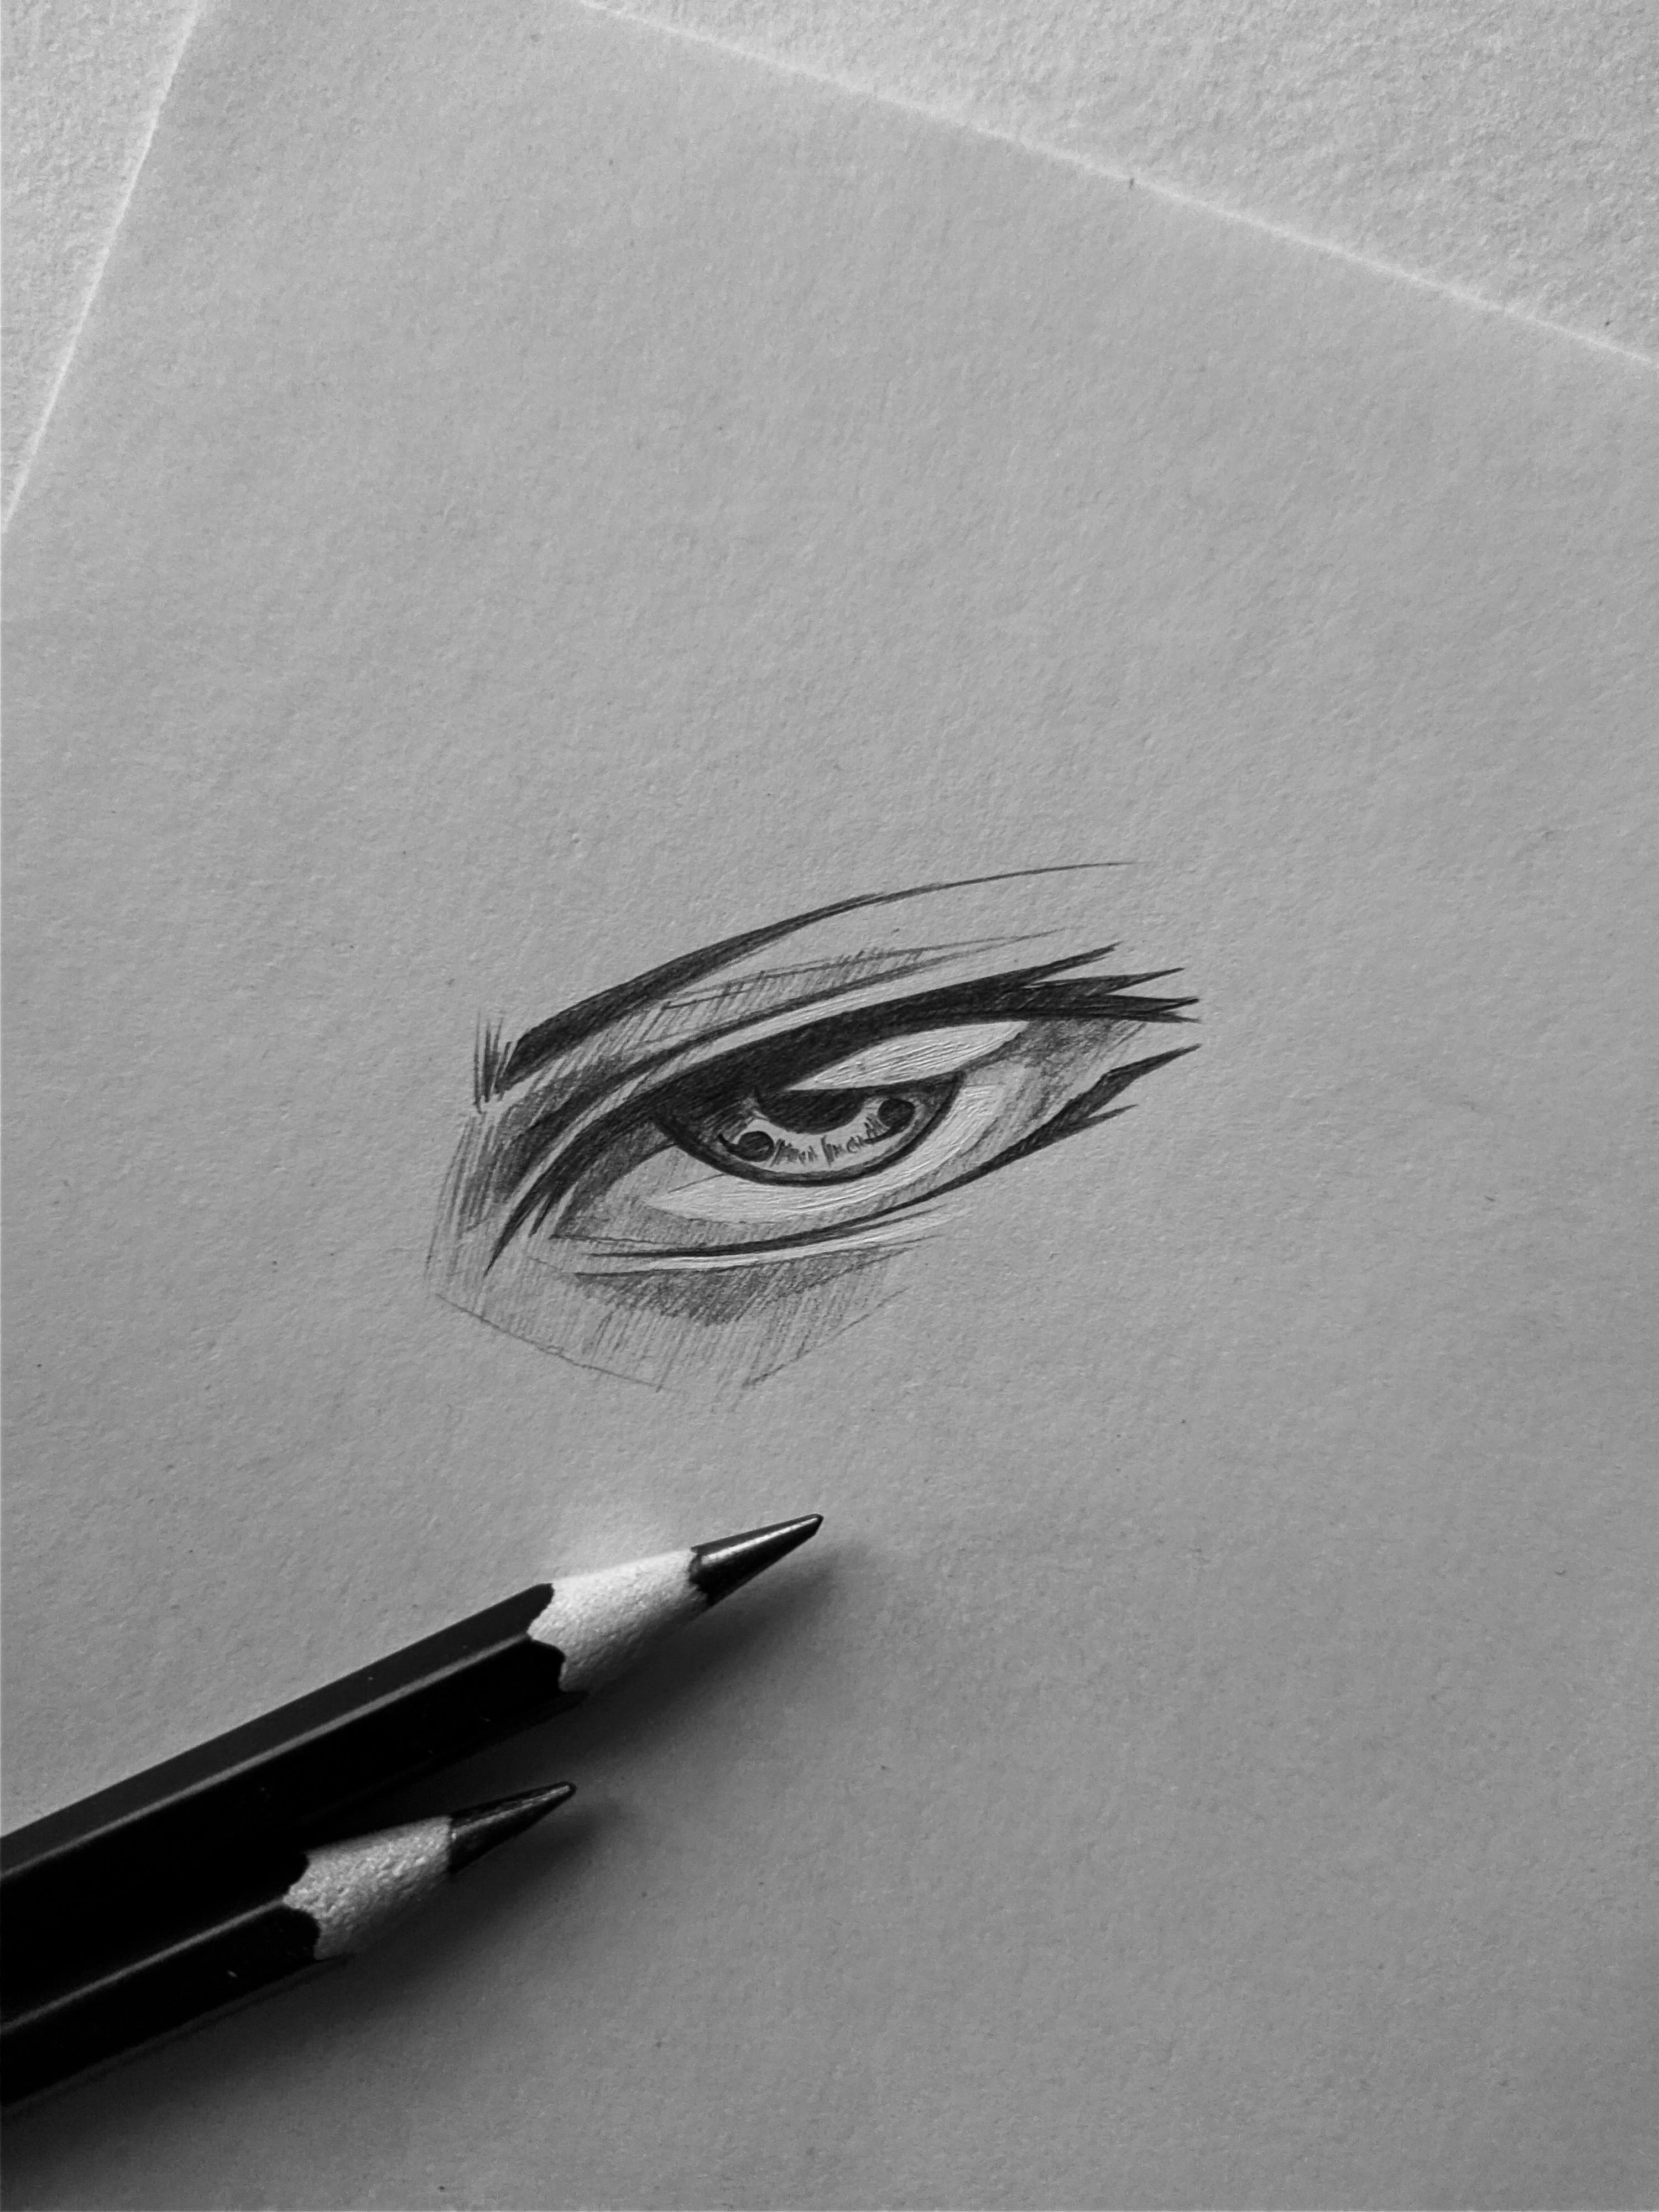 Sharingan Eye Drawing : sharingan, drawing, Sharingan, Sketch, Naruto